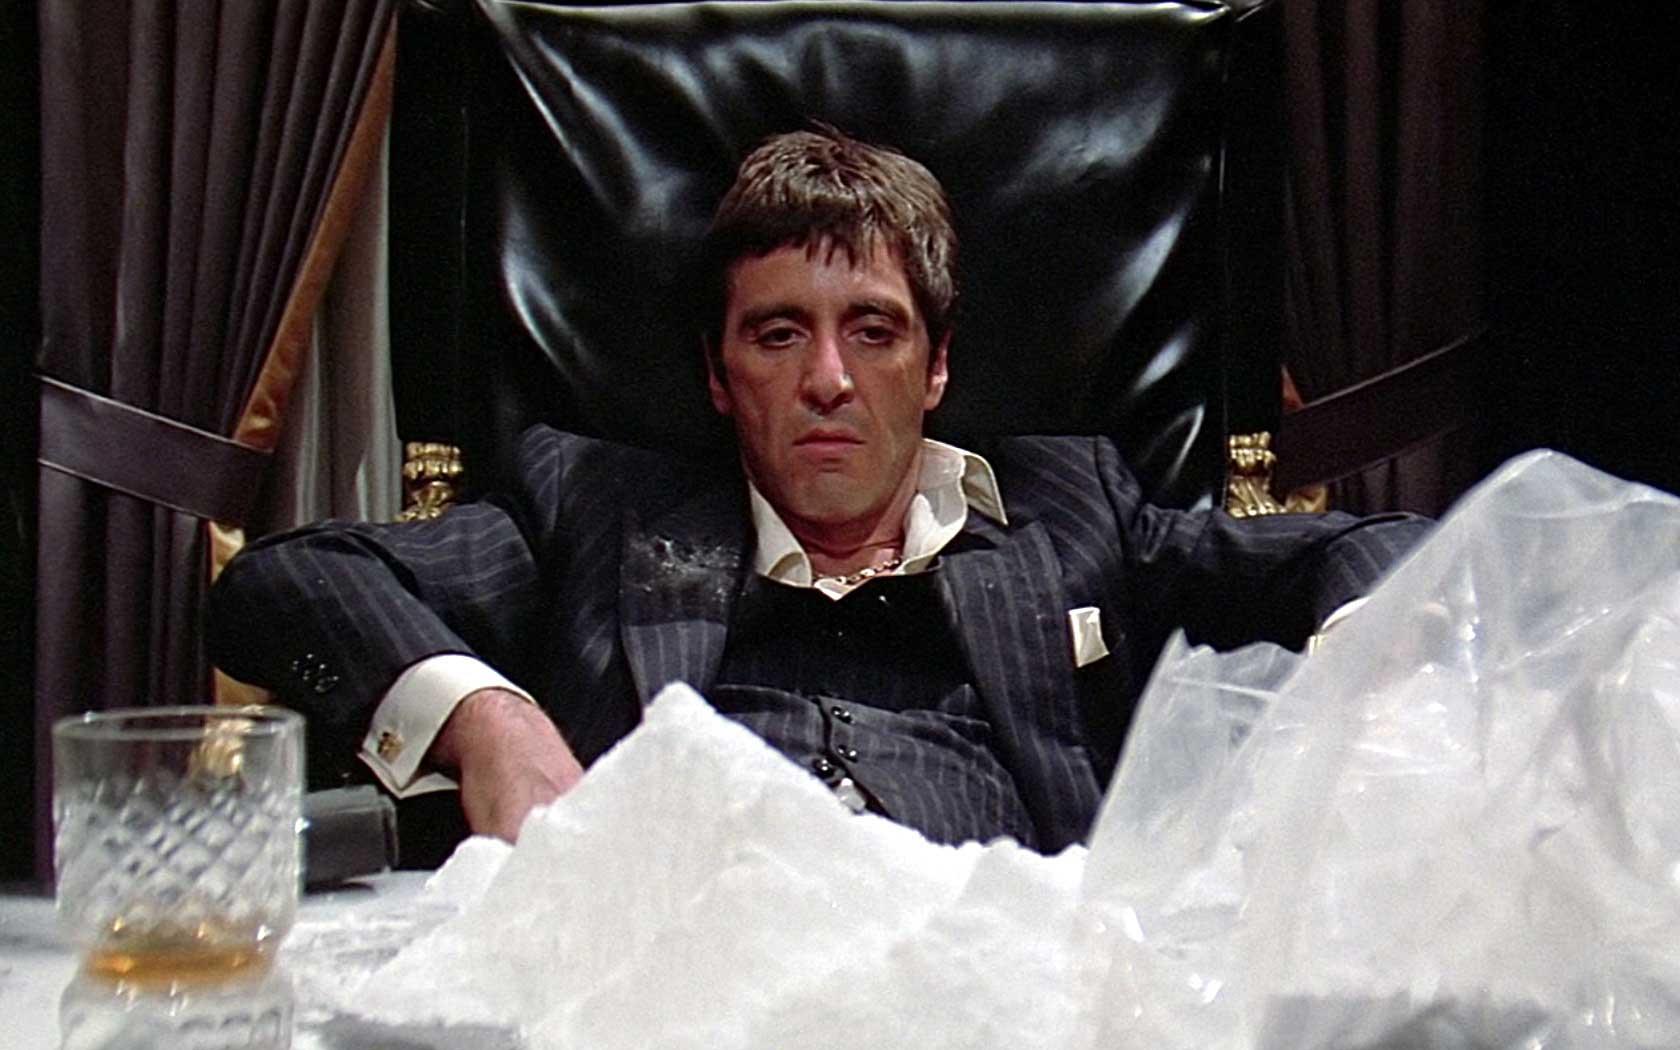 حقایق علمی ناگفته درباره کوکائین و اثرات سوء مصرف آن!